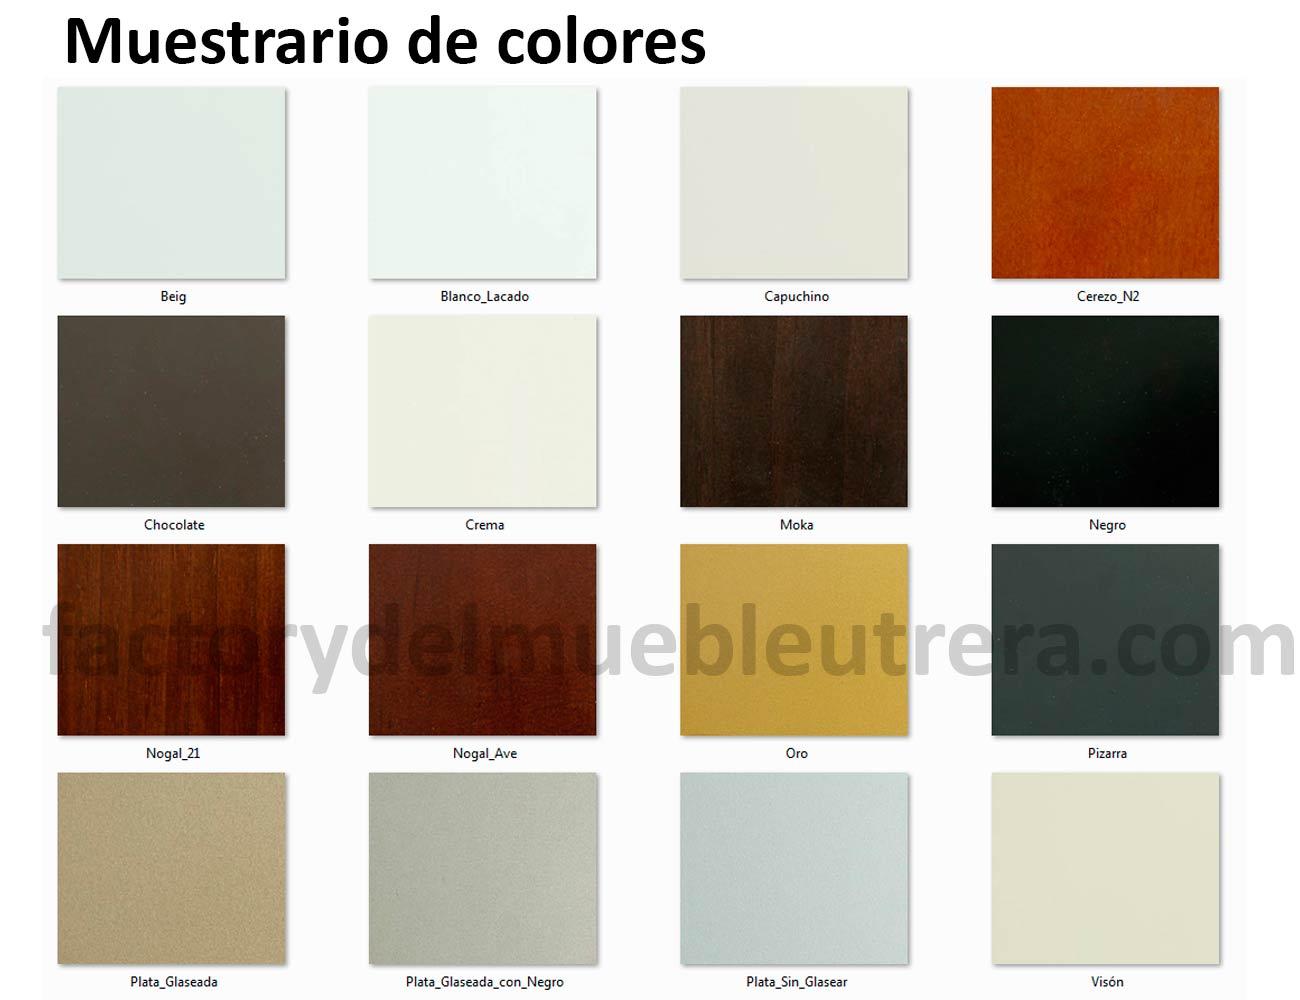 Colores web nueva62